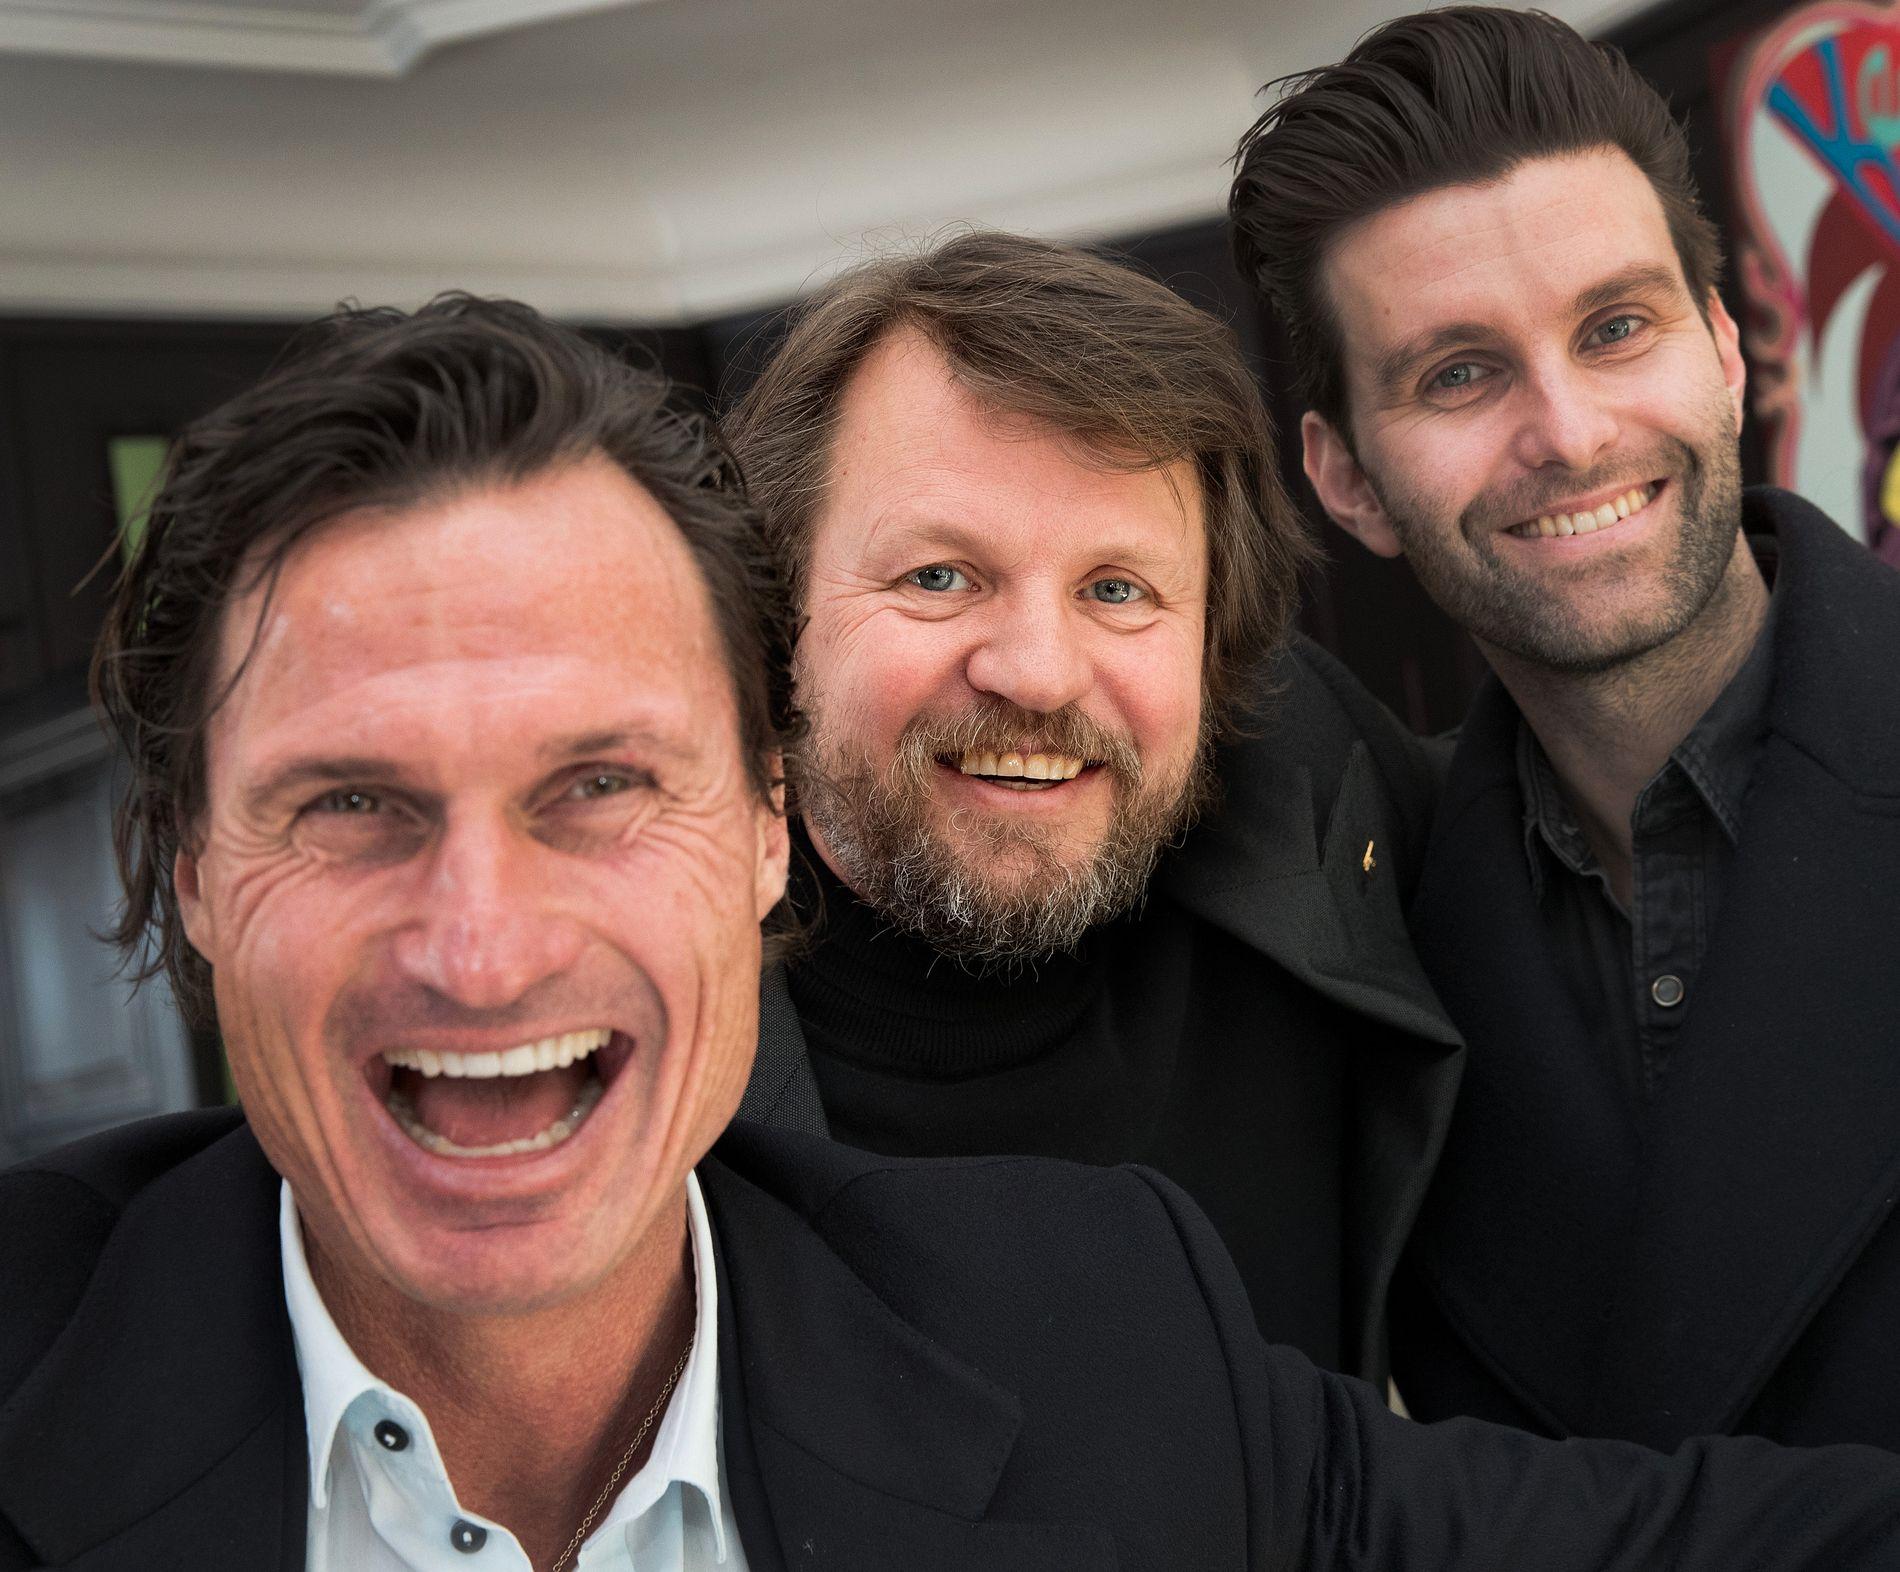 ENERGI: Petter Stordalen liker hotellåpninger, men innrømmer at det nye prosjektet og signeringen av Tom Egeland gir ham enormt med energi. Her med Tom Egeland (midten) og forlegger Jonas Forsang.